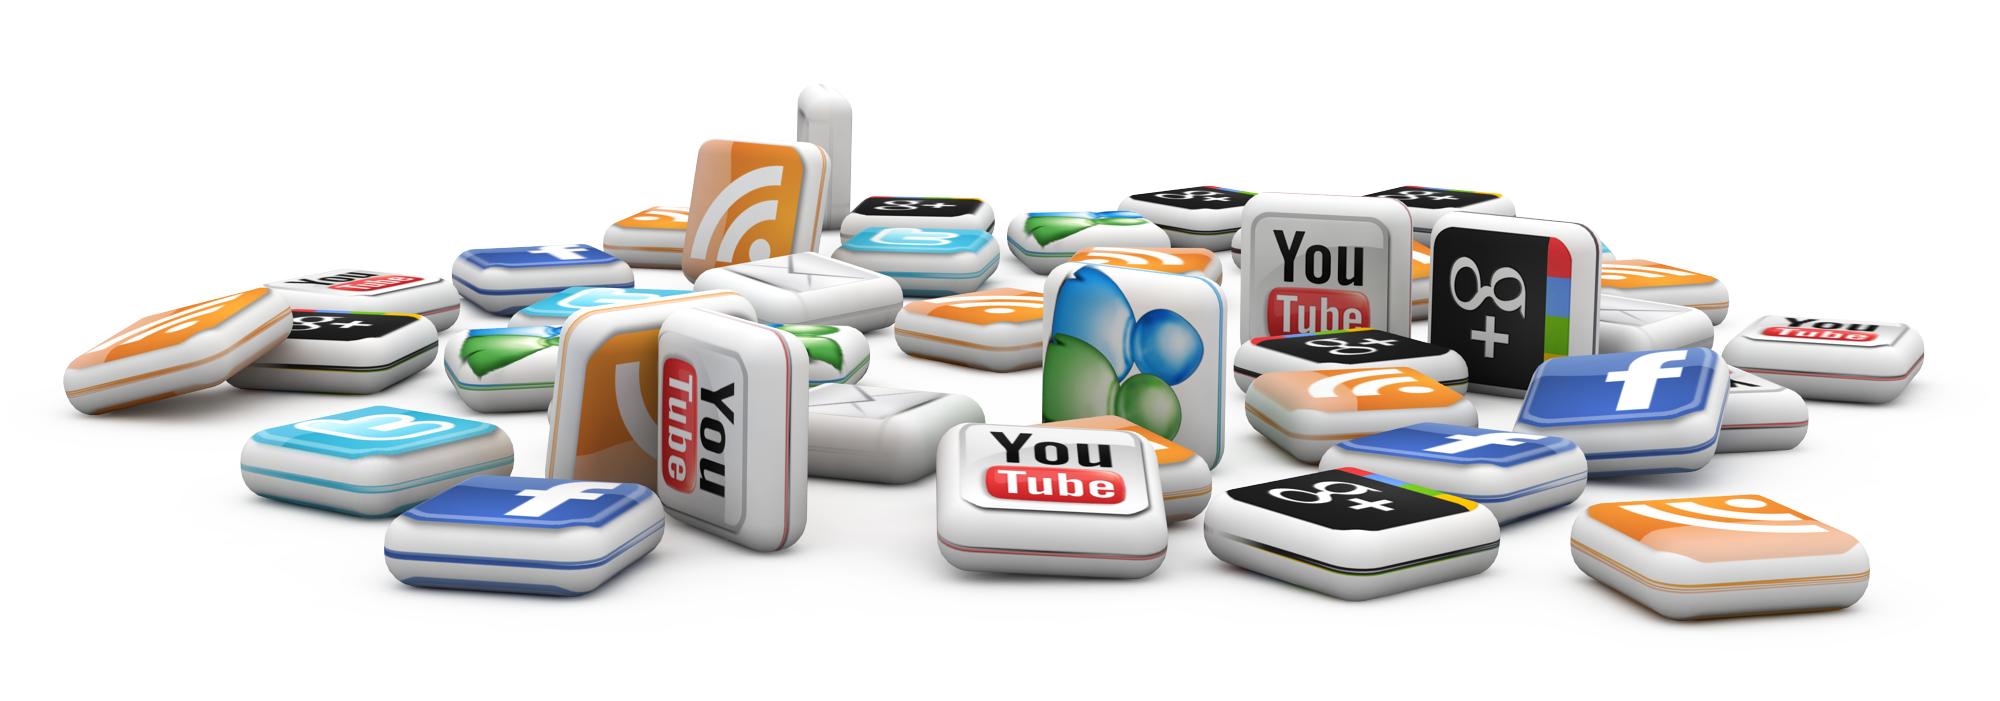 Redes sociales: ¿Nuevos canales para vender?